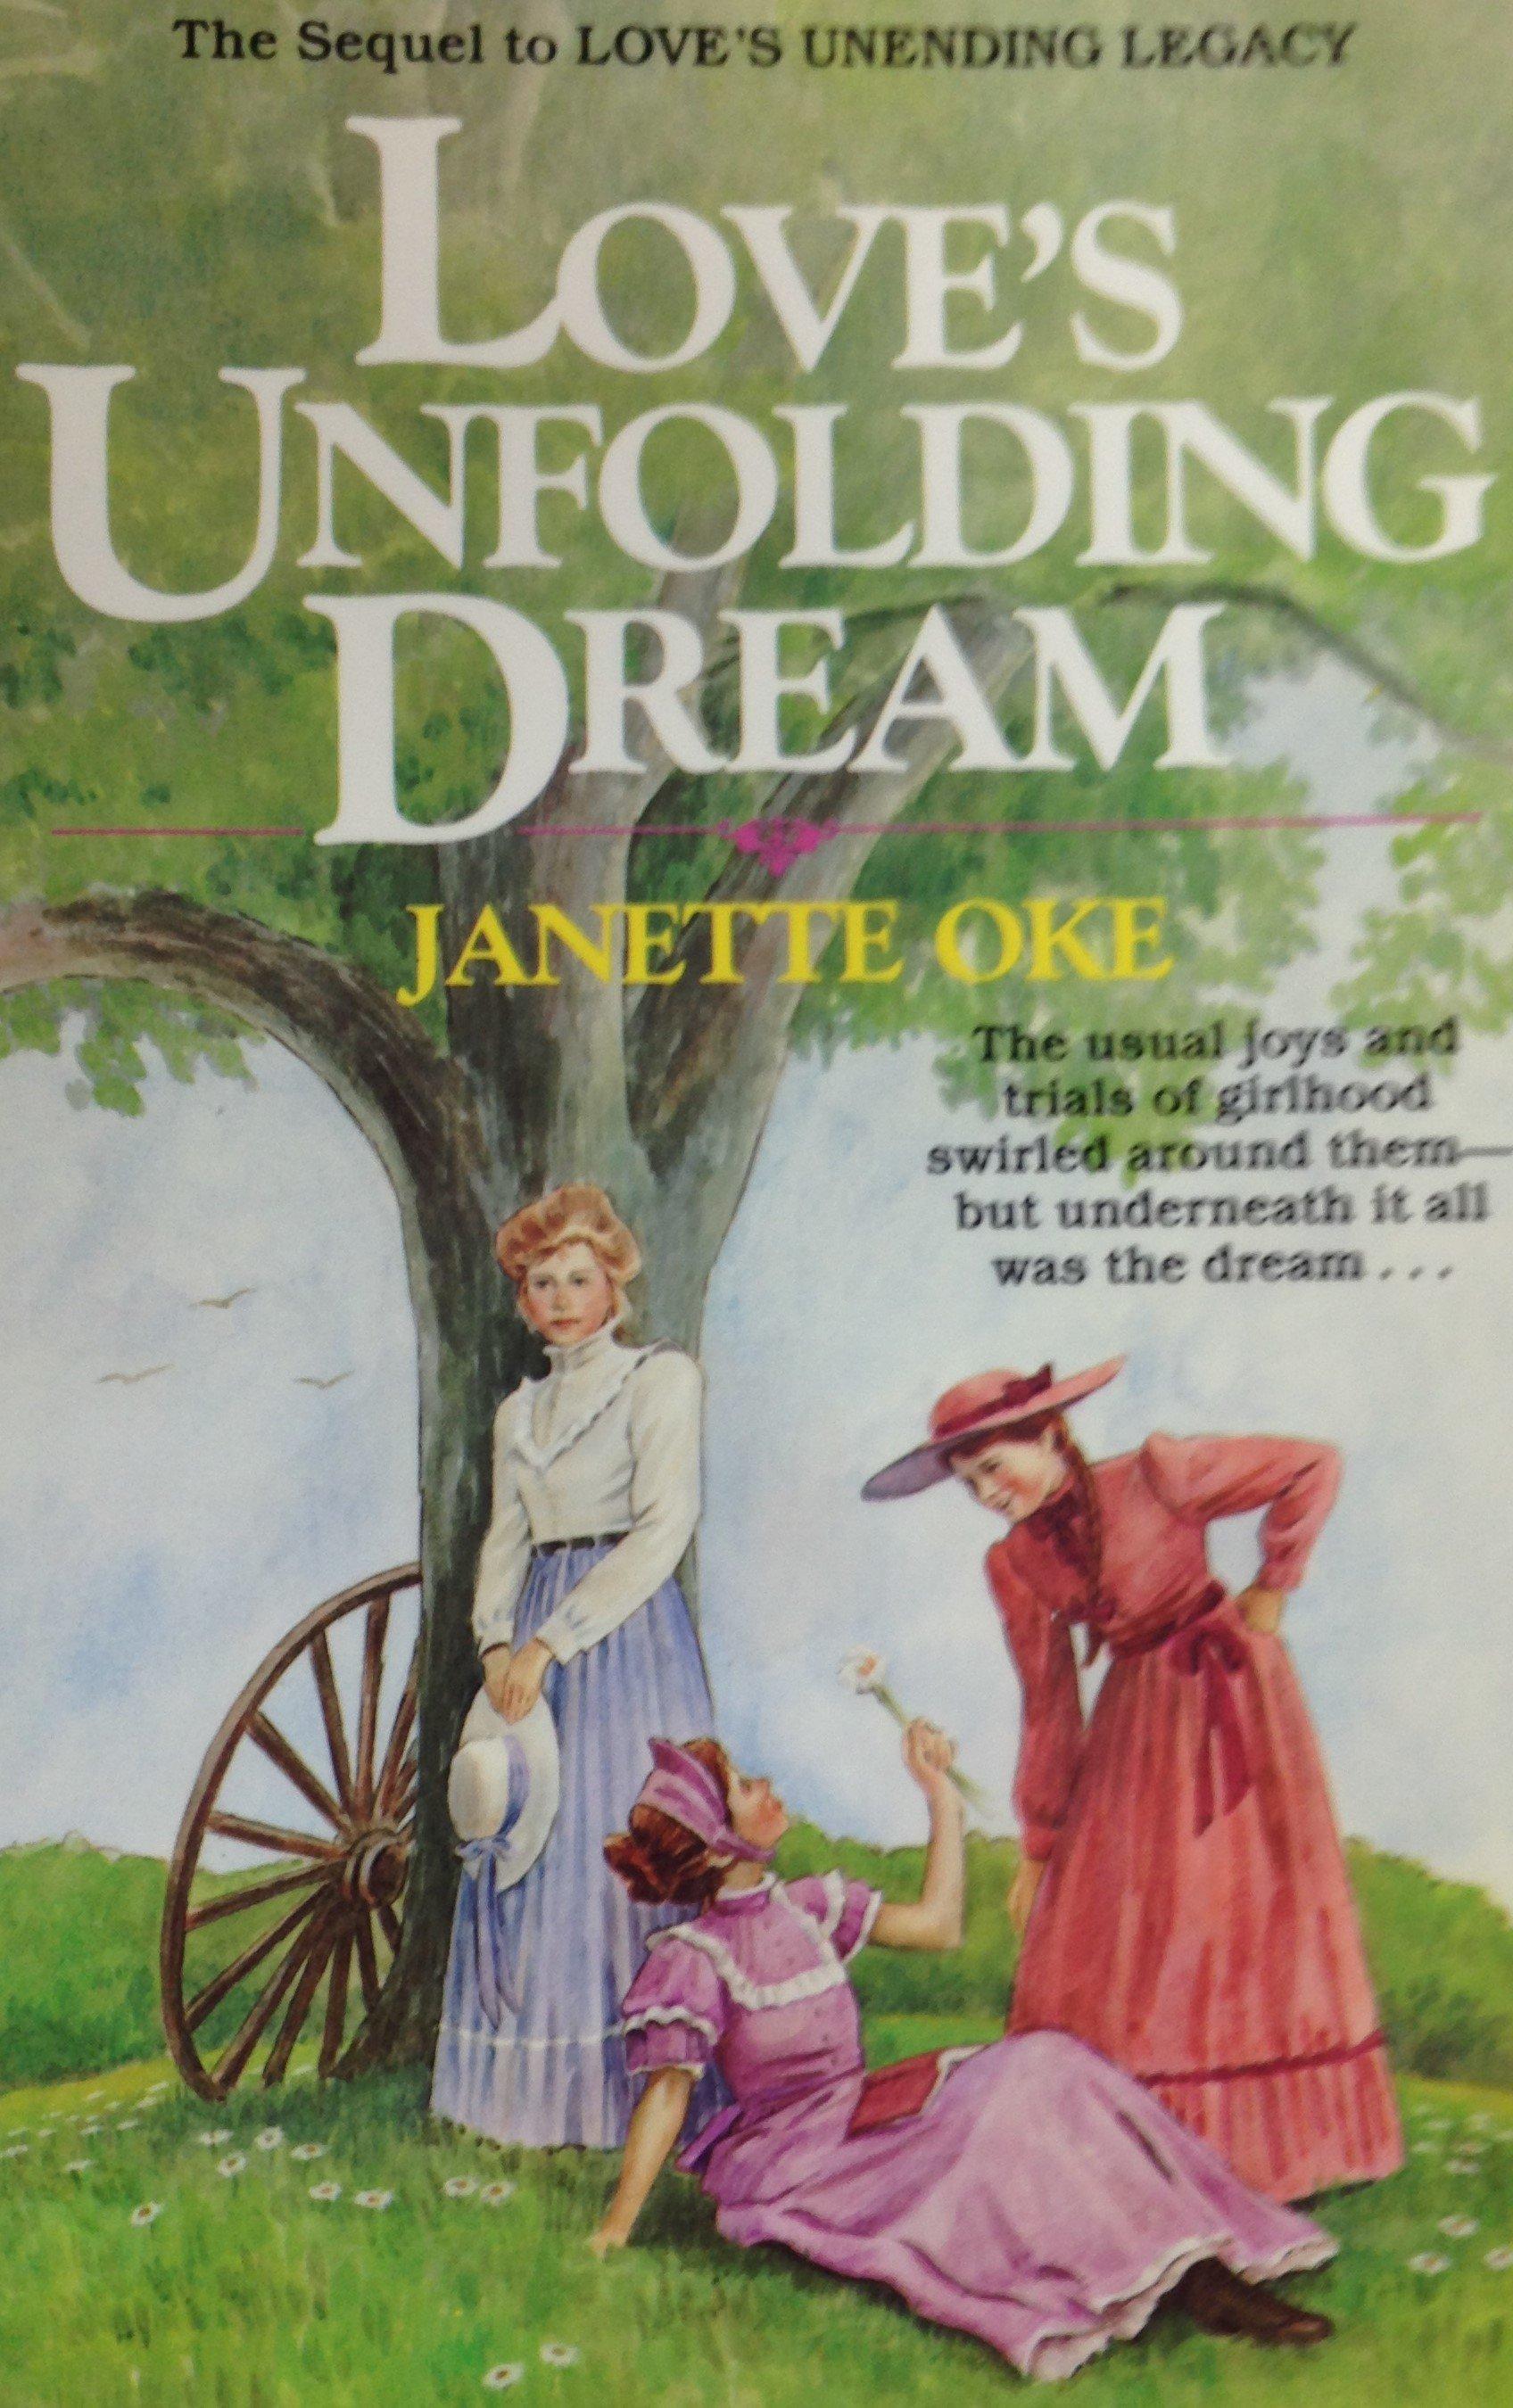 Love's Unfolding Dream by Janette Oke 00128